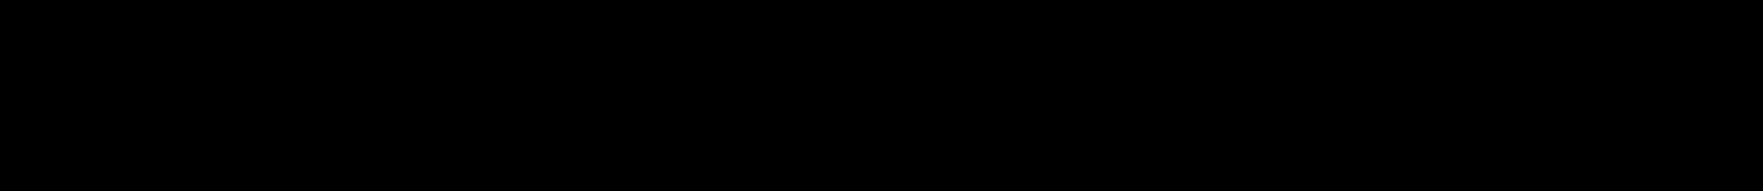 Cacao Plain Outline